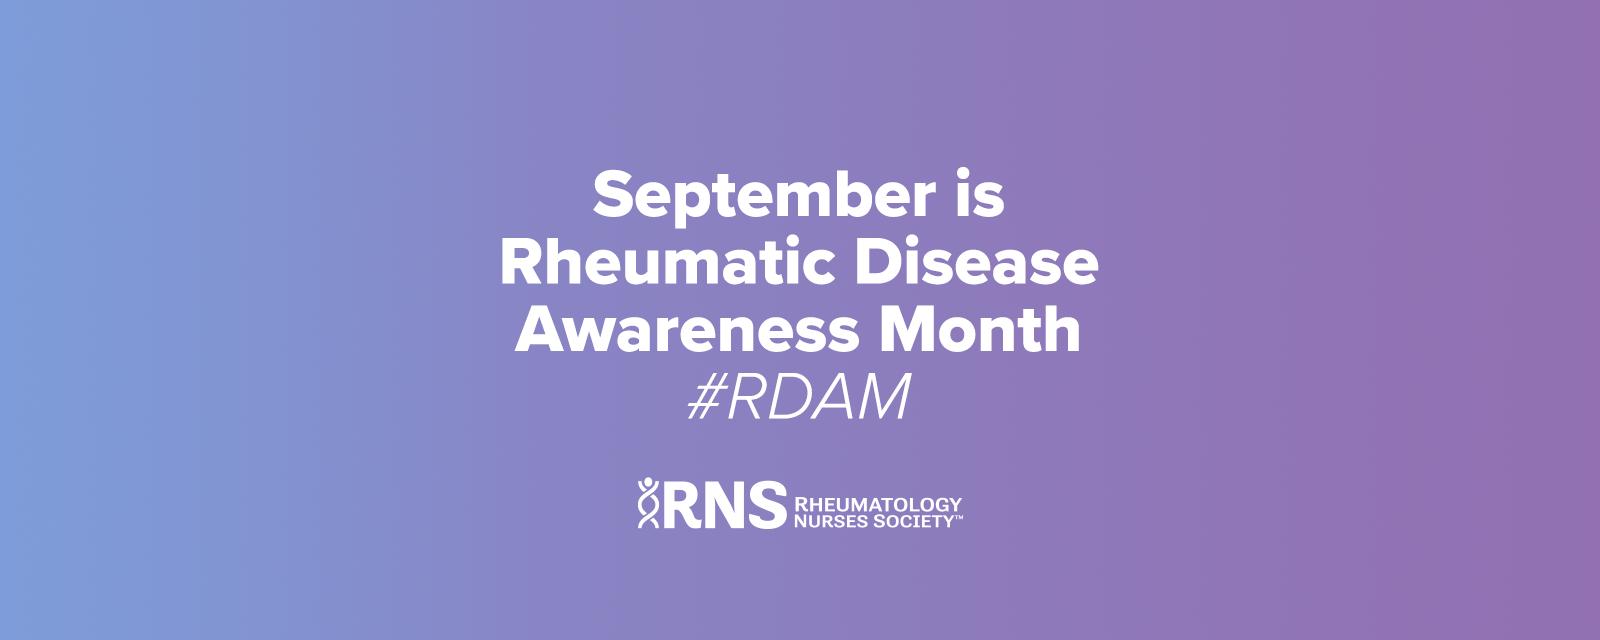 September is Rheumatic Disease Awareness Month (#RDAM)